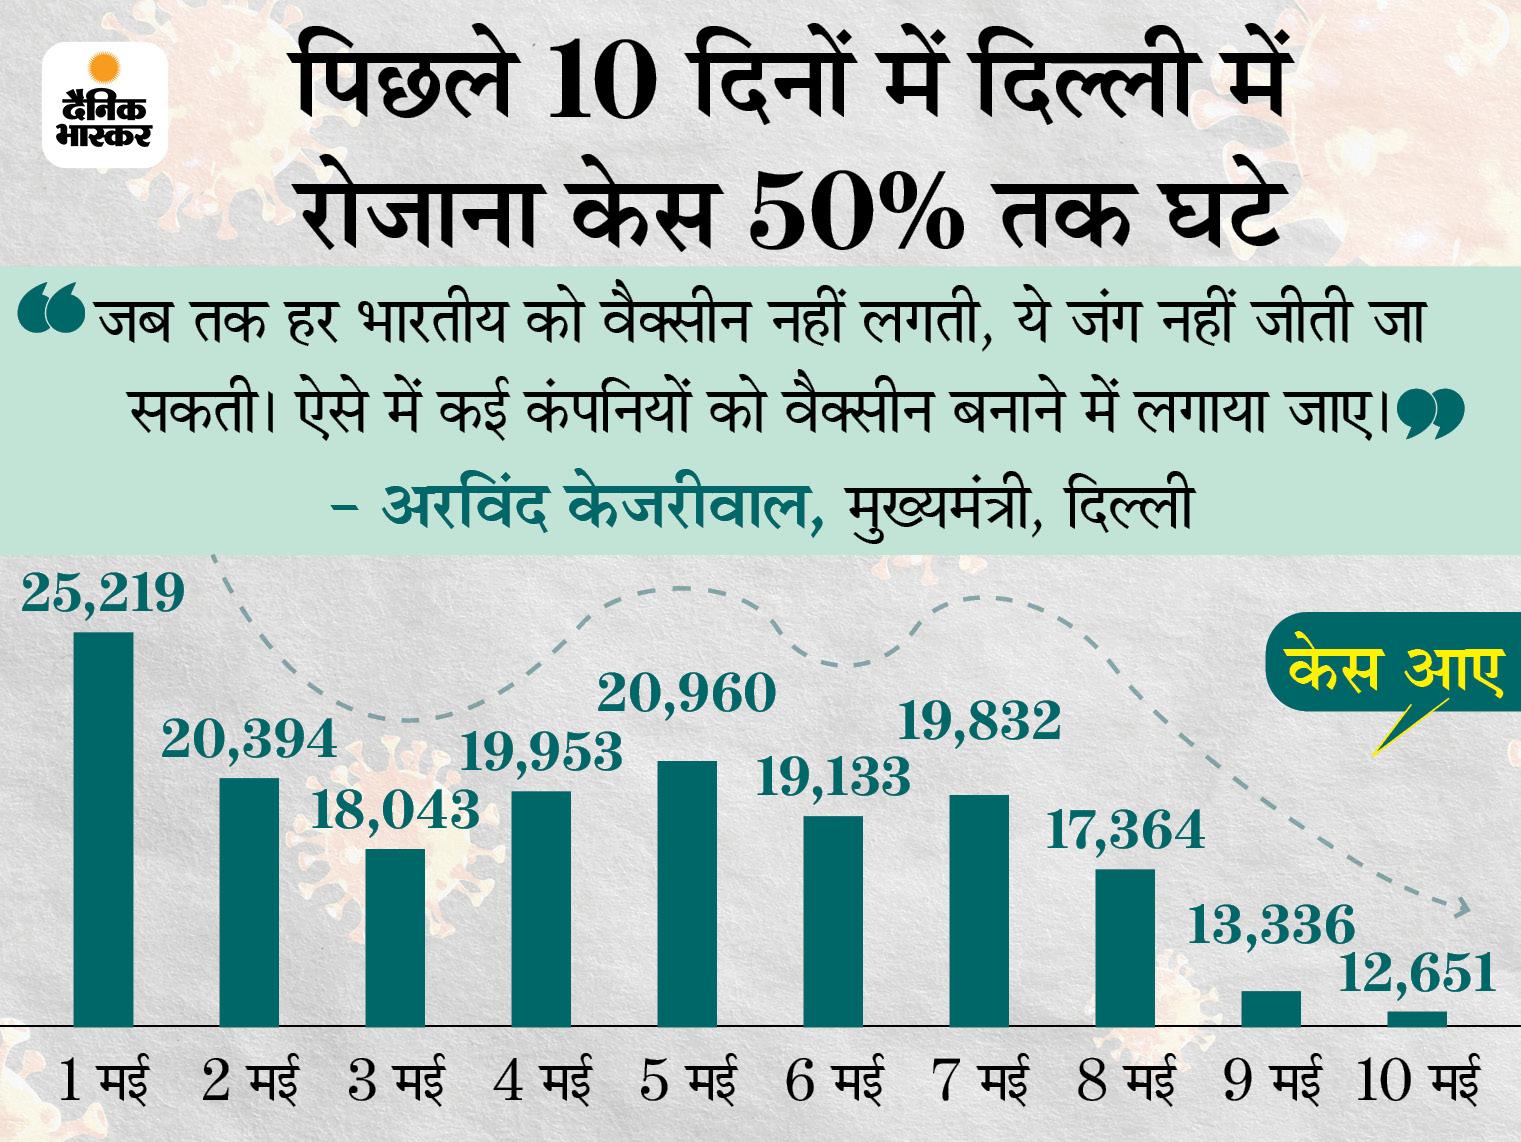 केजरीवाल बोले- दिल्ली में कोरोना संक्रमण काबू में; अब ICU और ऑक्सीजन बेड्स की कमी नहीं|देश,National - Dainik Bhaskar